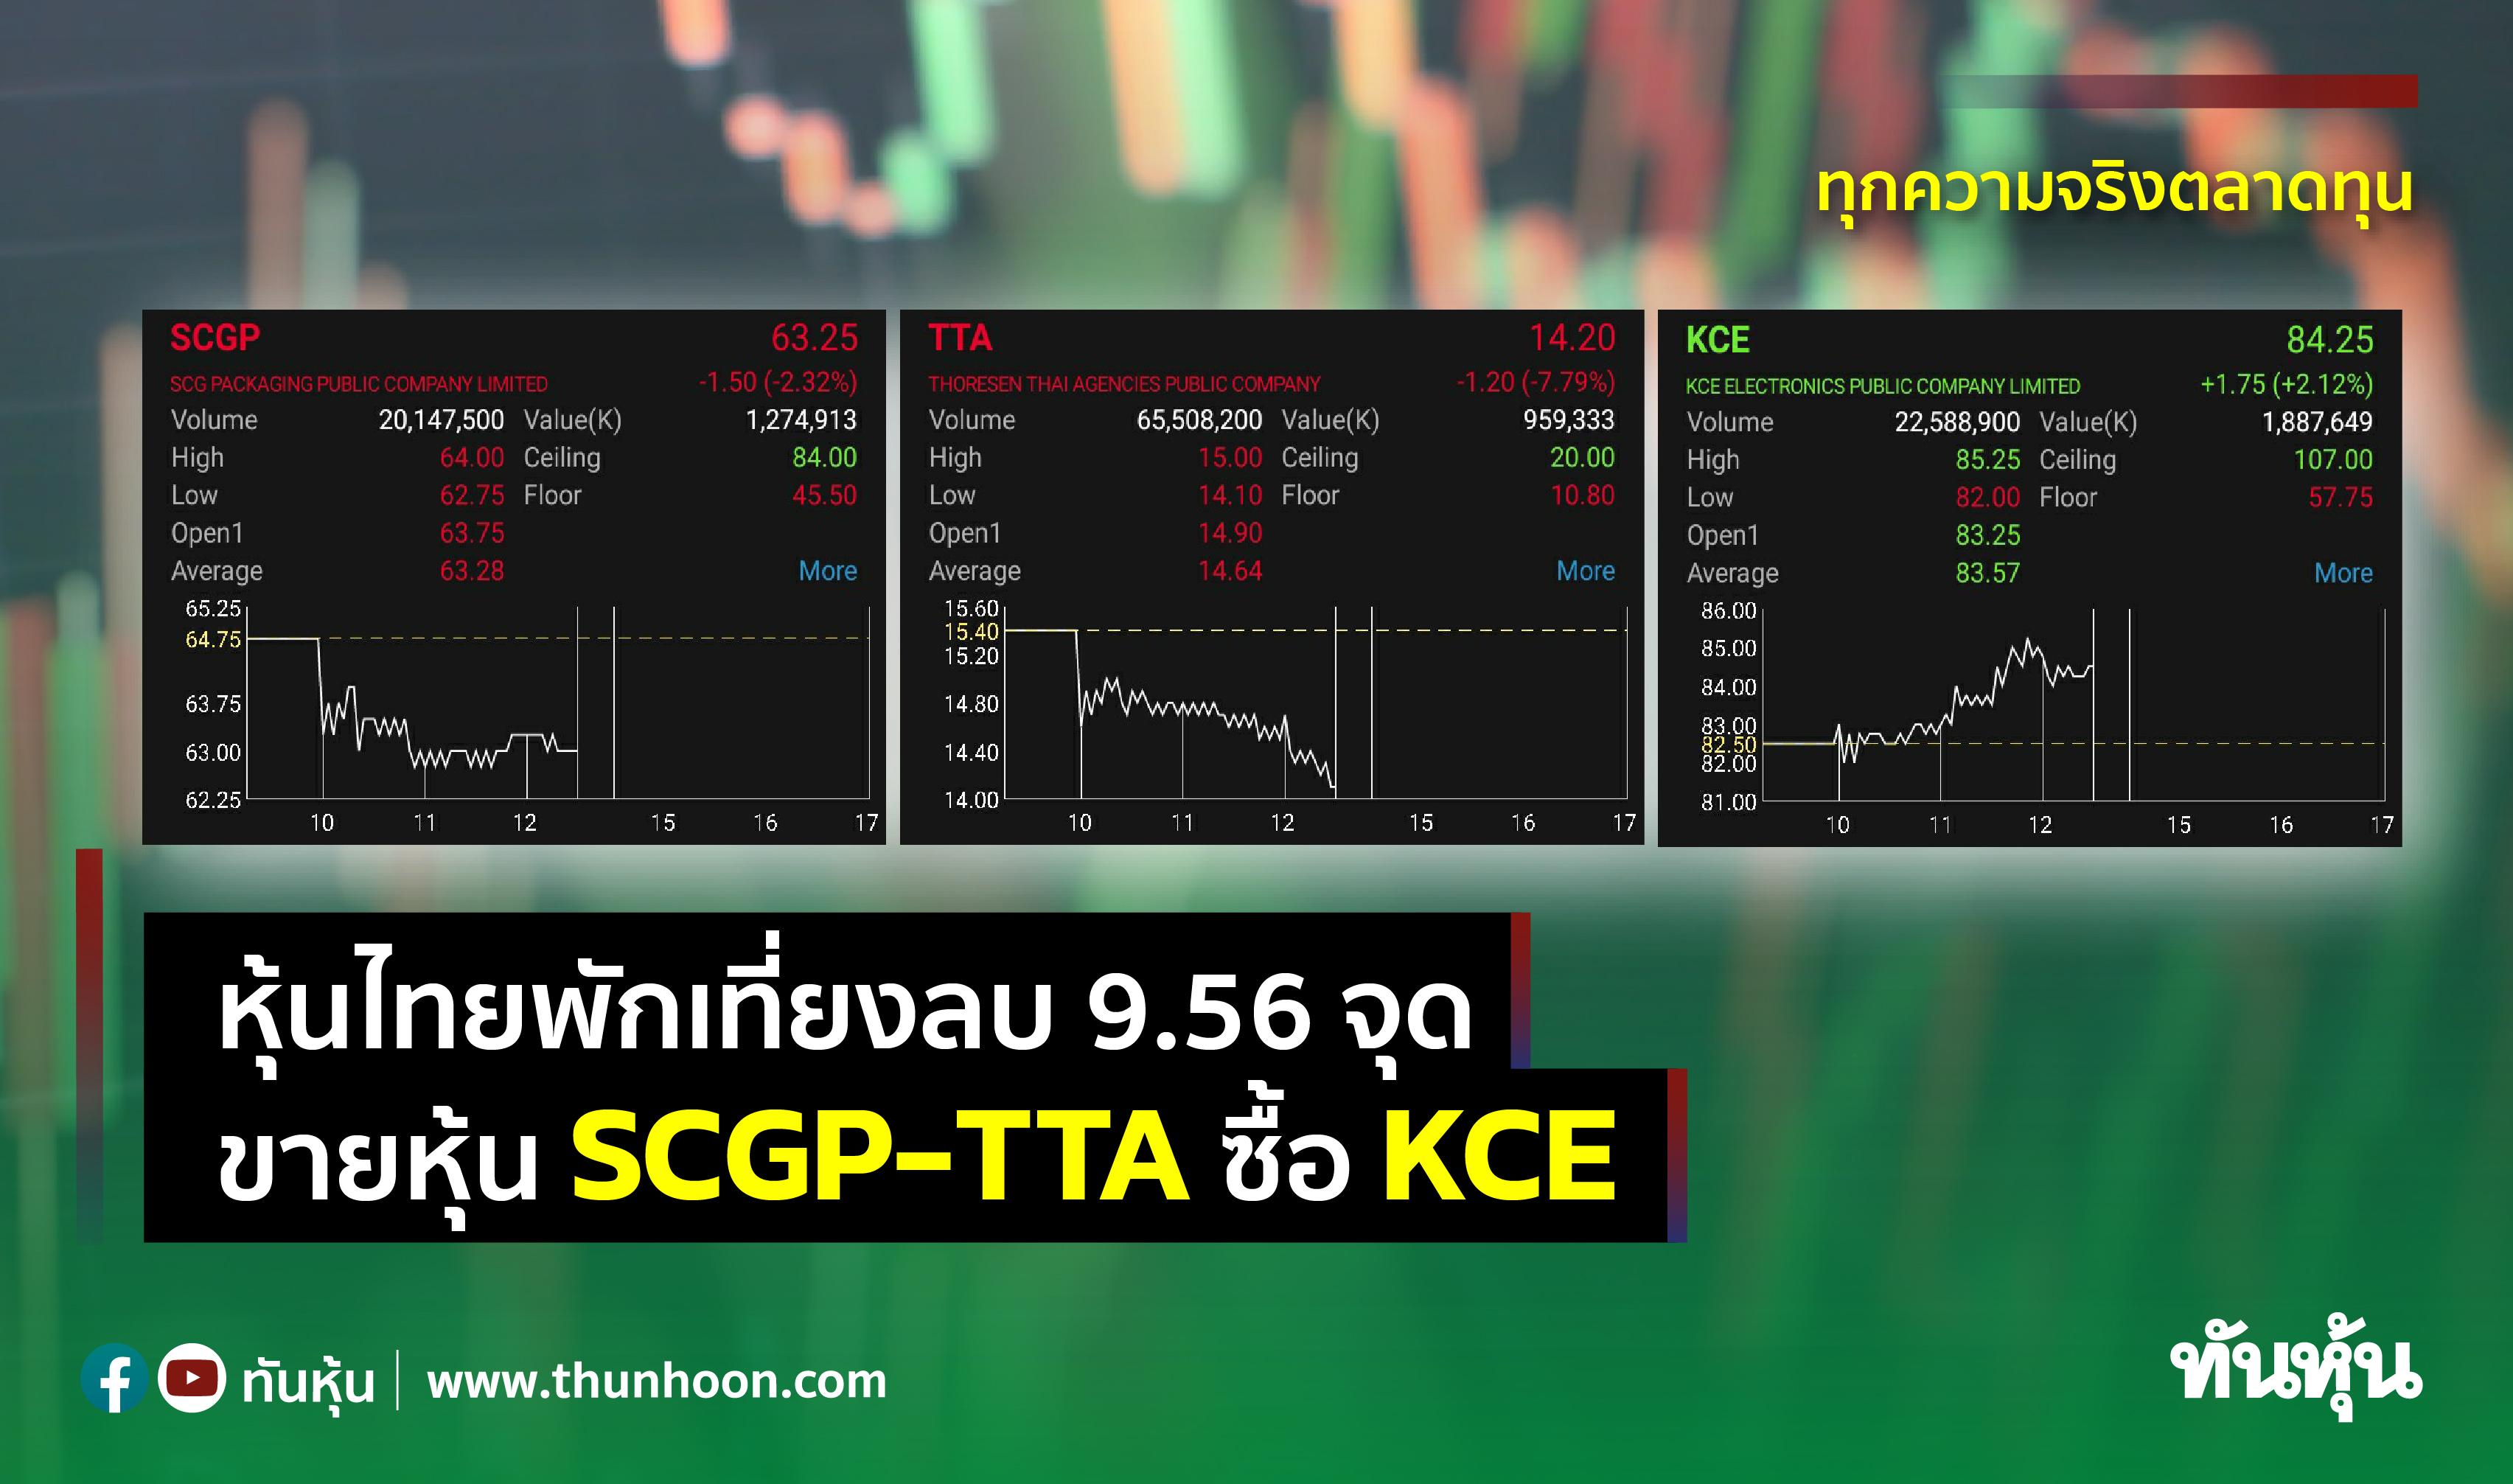 หุ้นไทยพักเที่ยงลบ 9.56 จุด ขายหุ้น SCGP-TTA ซื้อ KCE